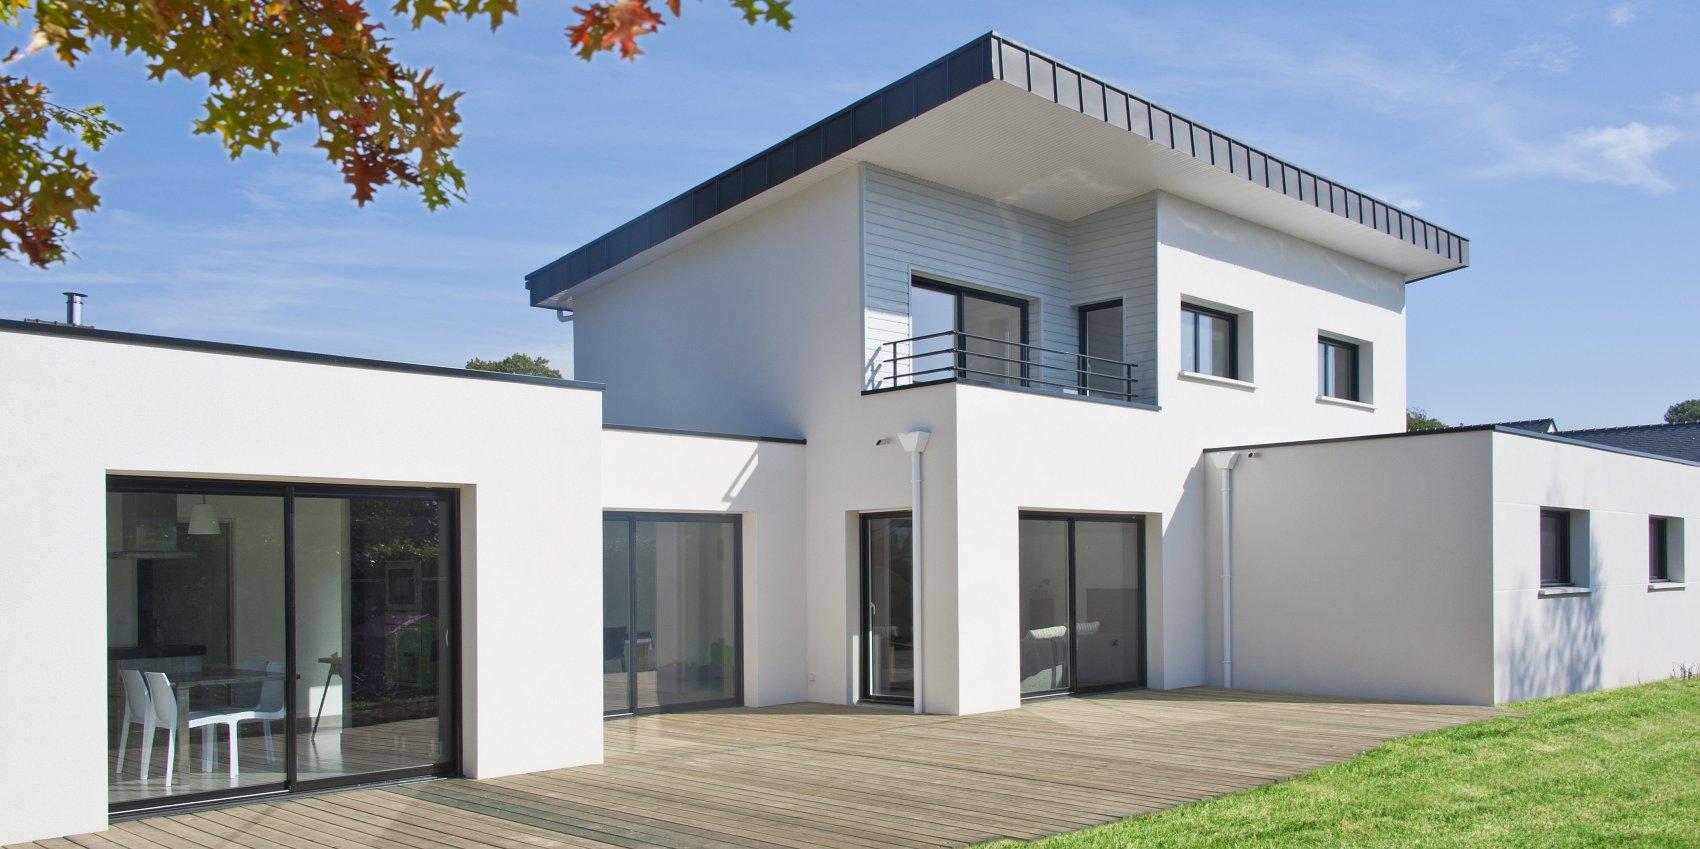 Constructeur maison individuelle vannes ventana blog for Constructeur de maison individuelle 56